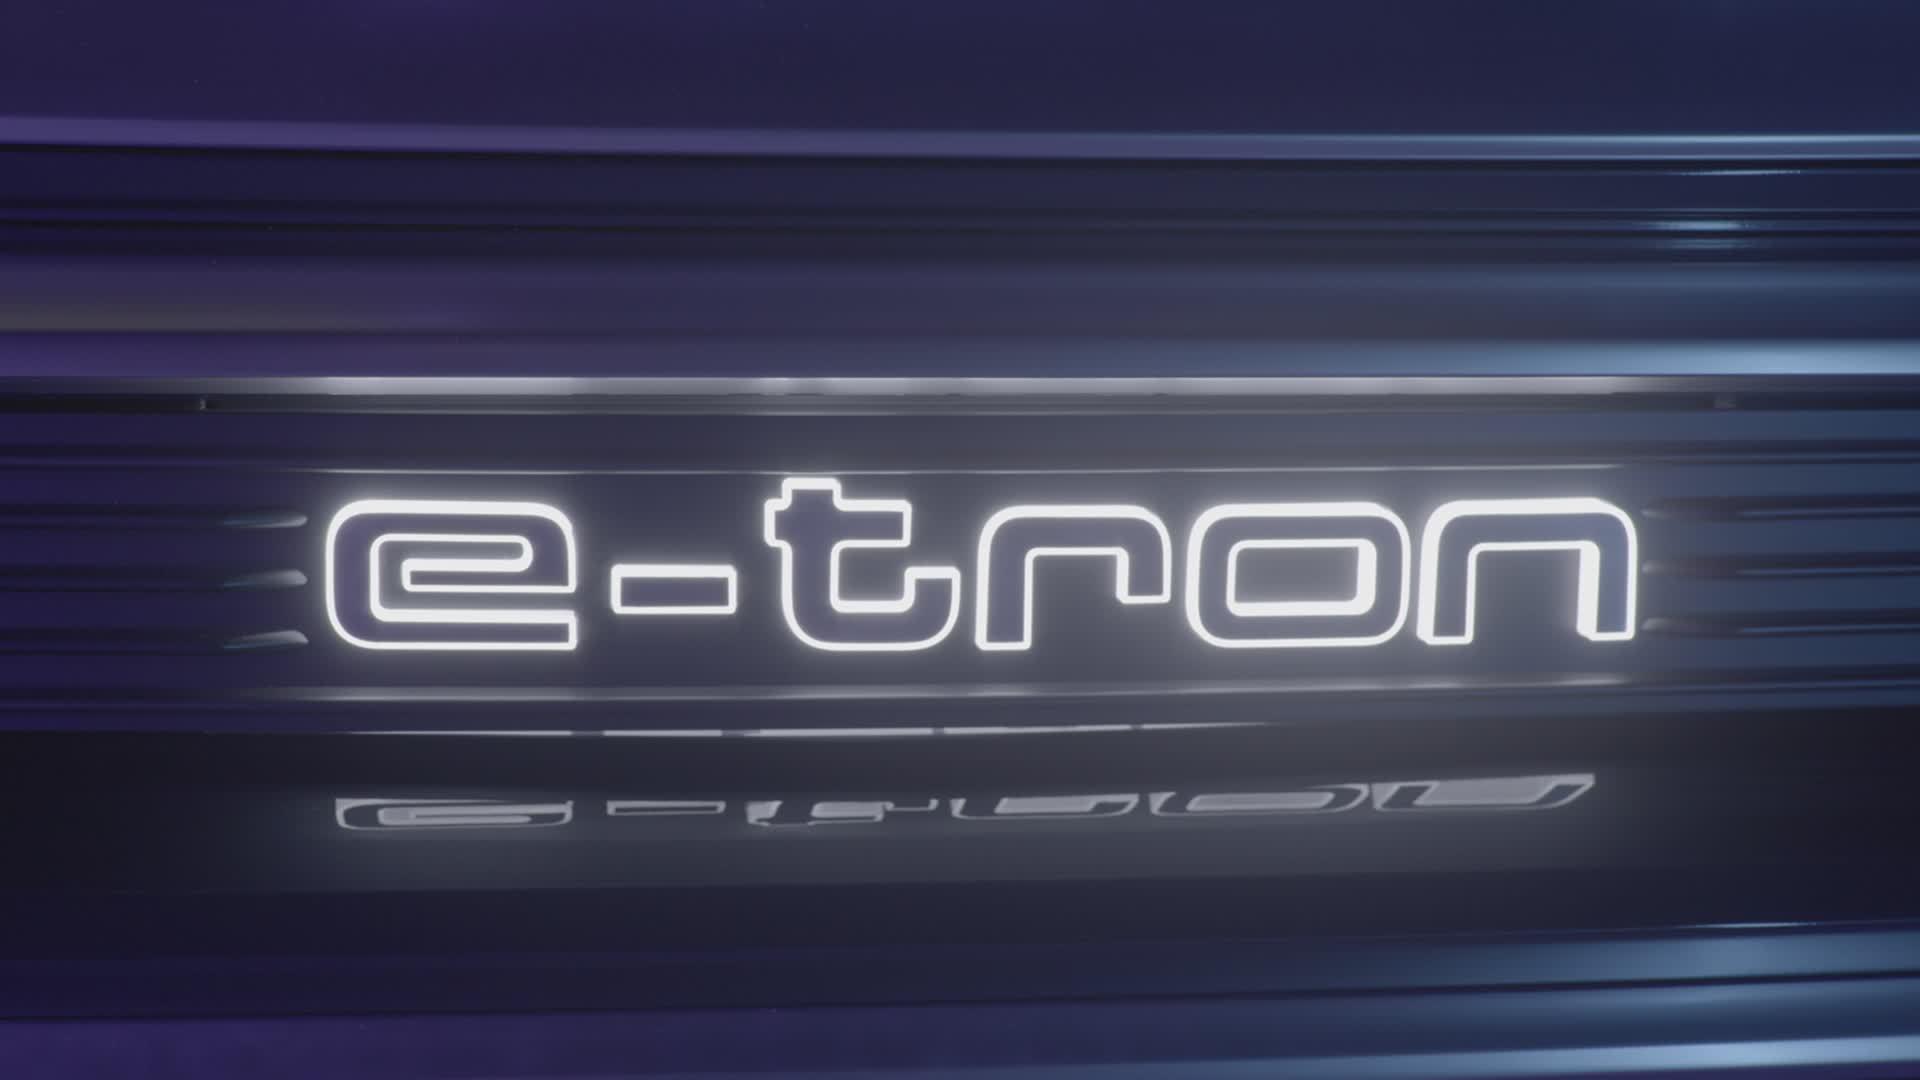 Are you e-tron enough?